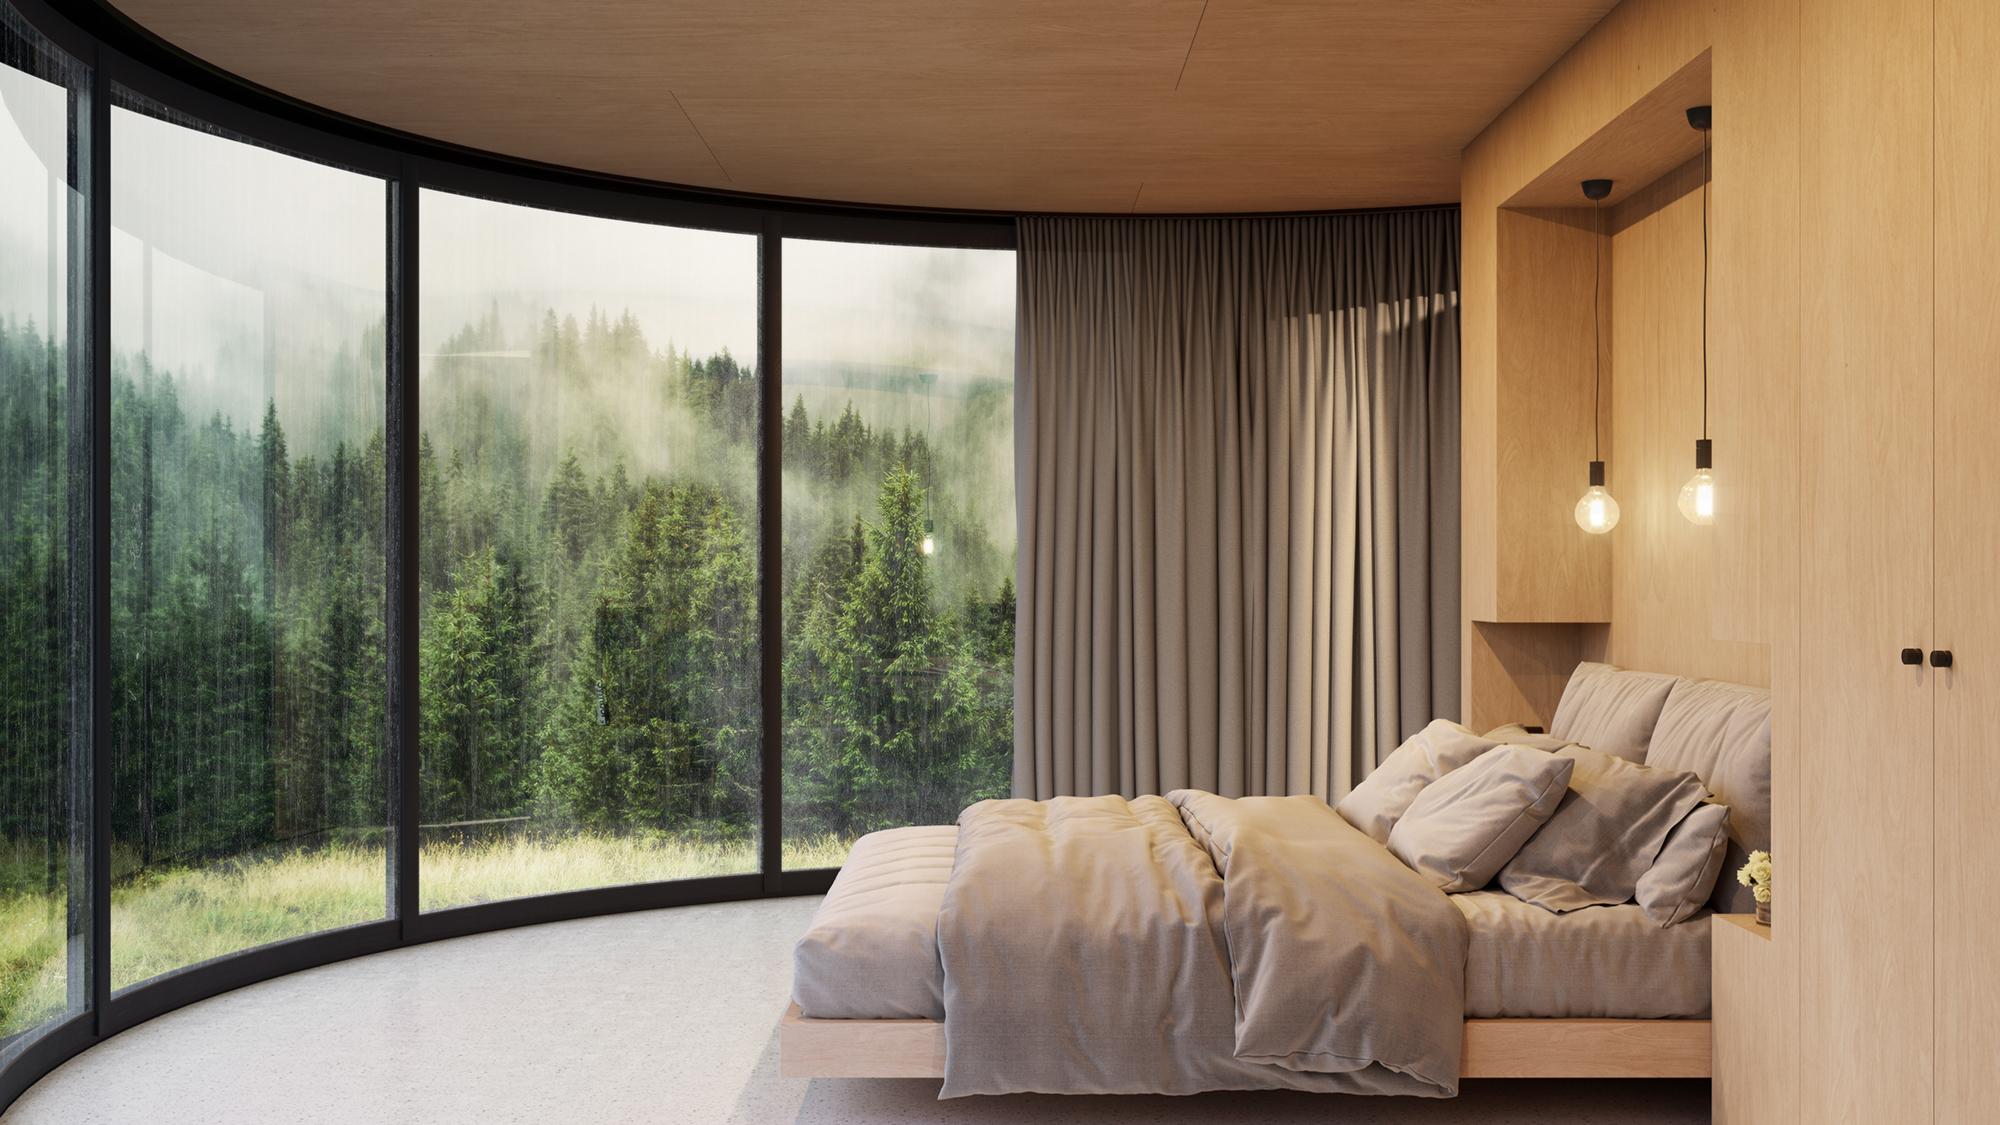 Il legno e i colori chiari danno calore